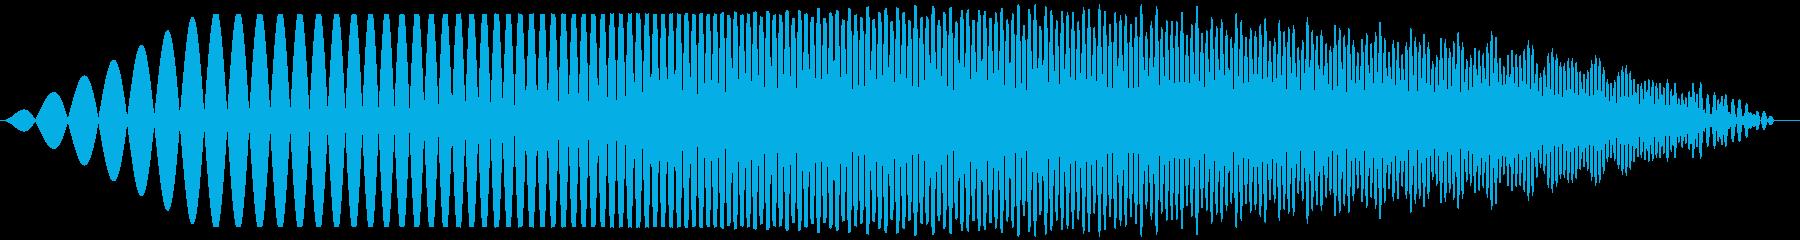 ブオオ(膨らむ音 膨張 クローズアップ)の再生済みの波形